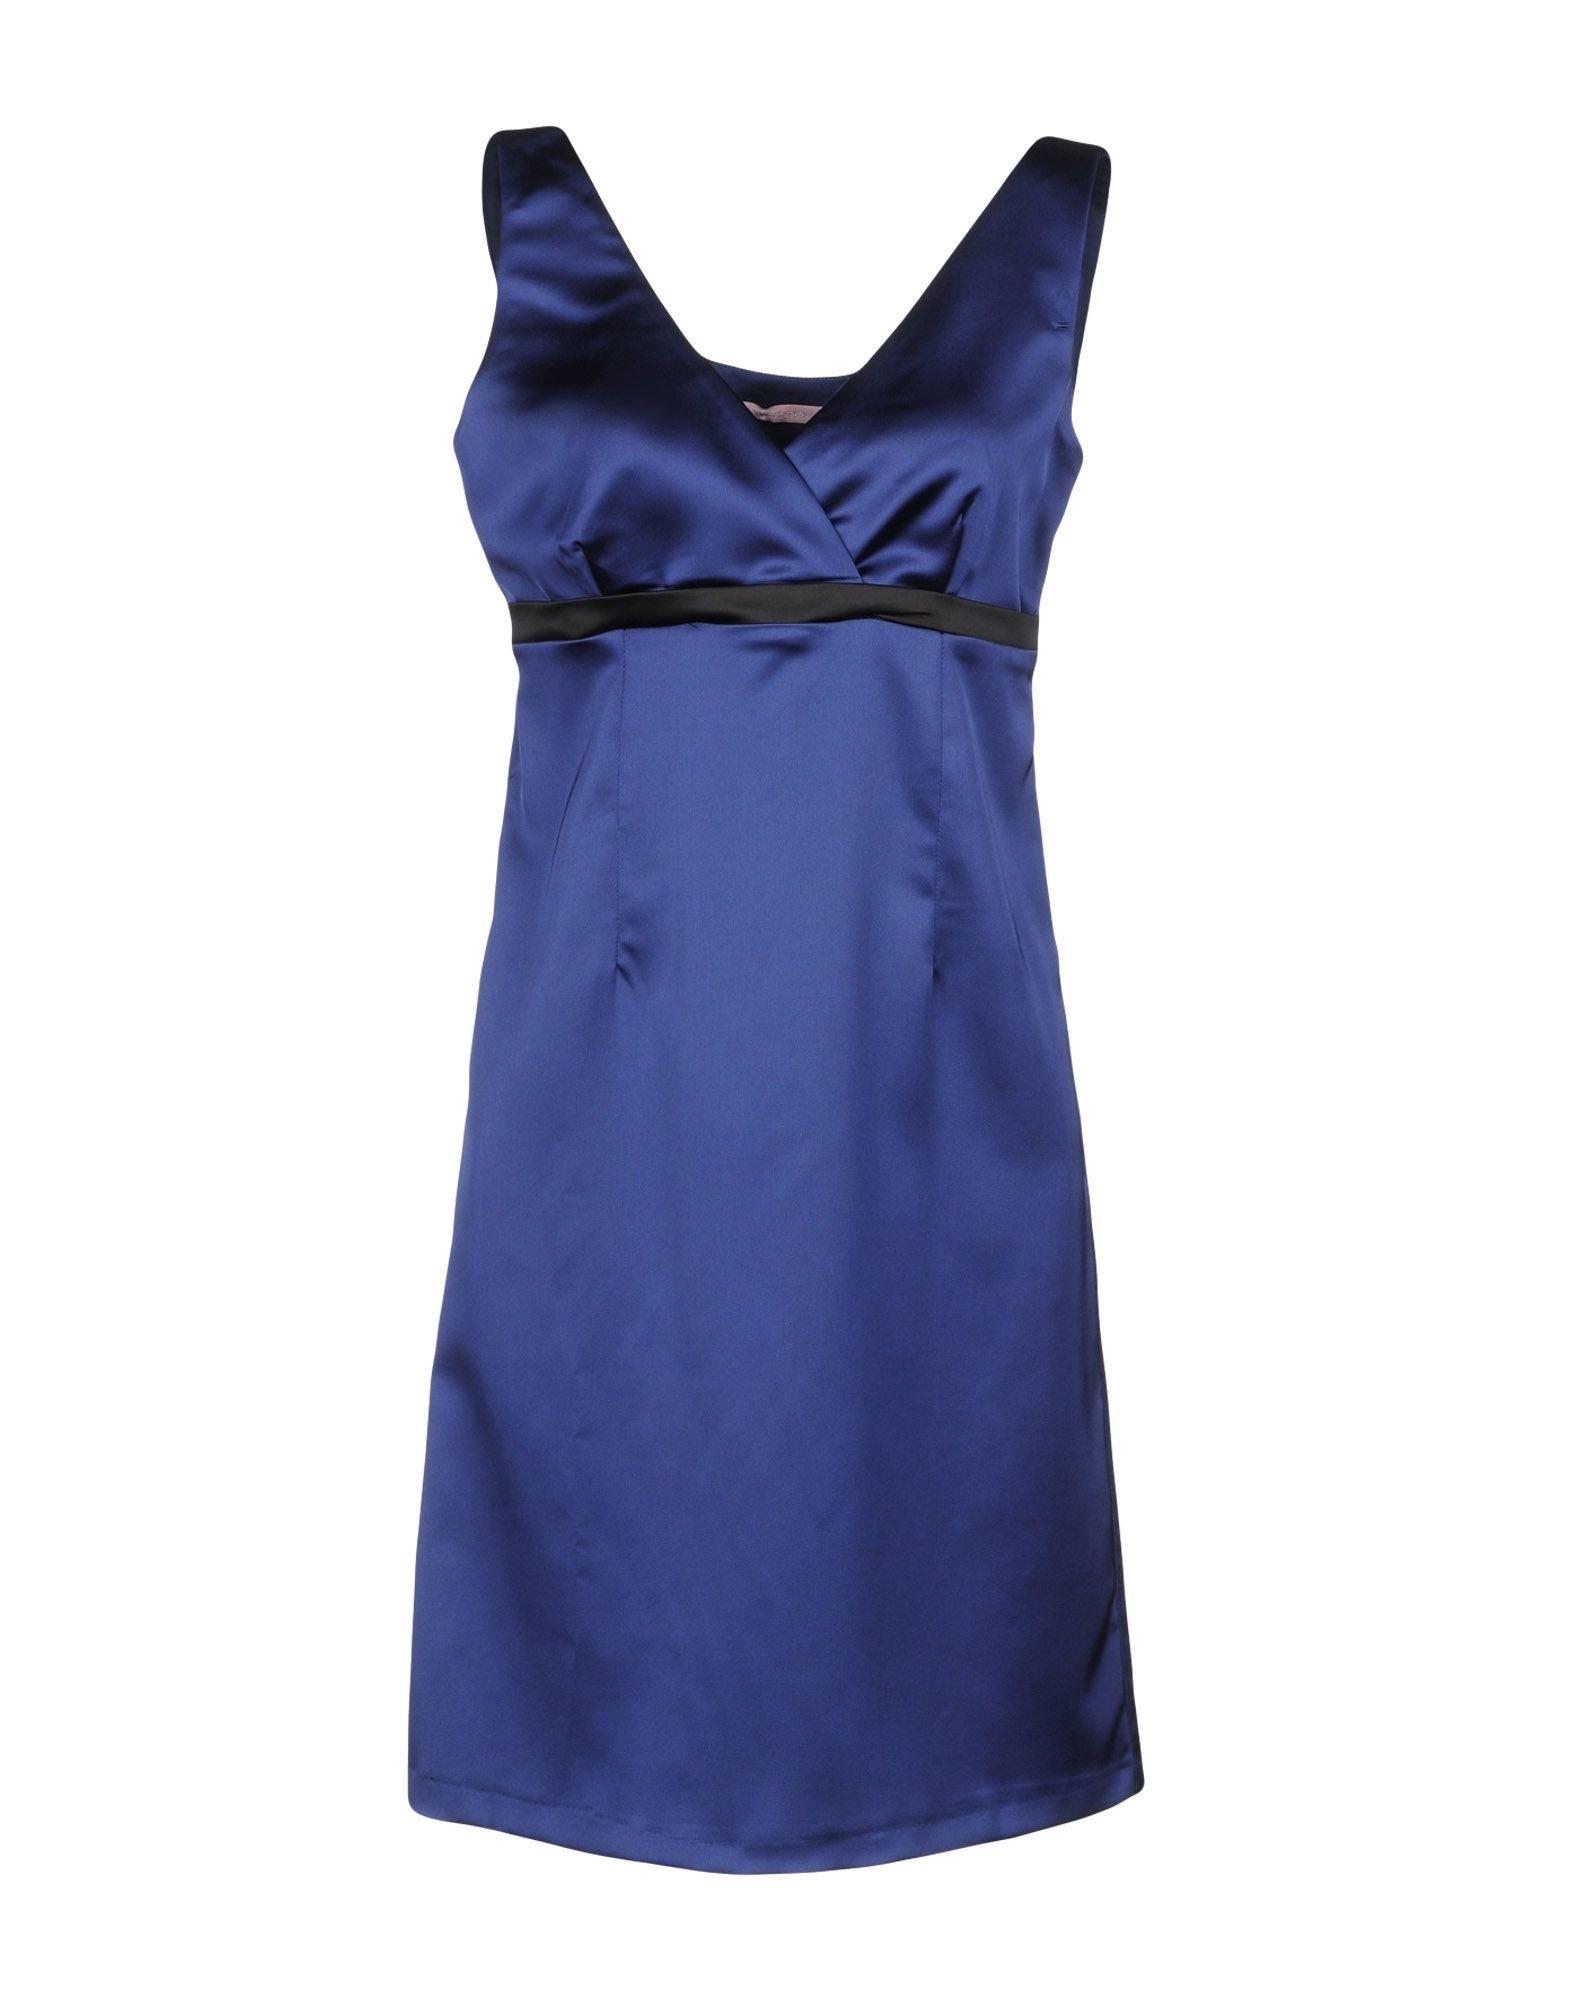 Designer Schön Kurzes Kleid Blau Stylish Fantastisch Kurzes Kleid Blau Galerie